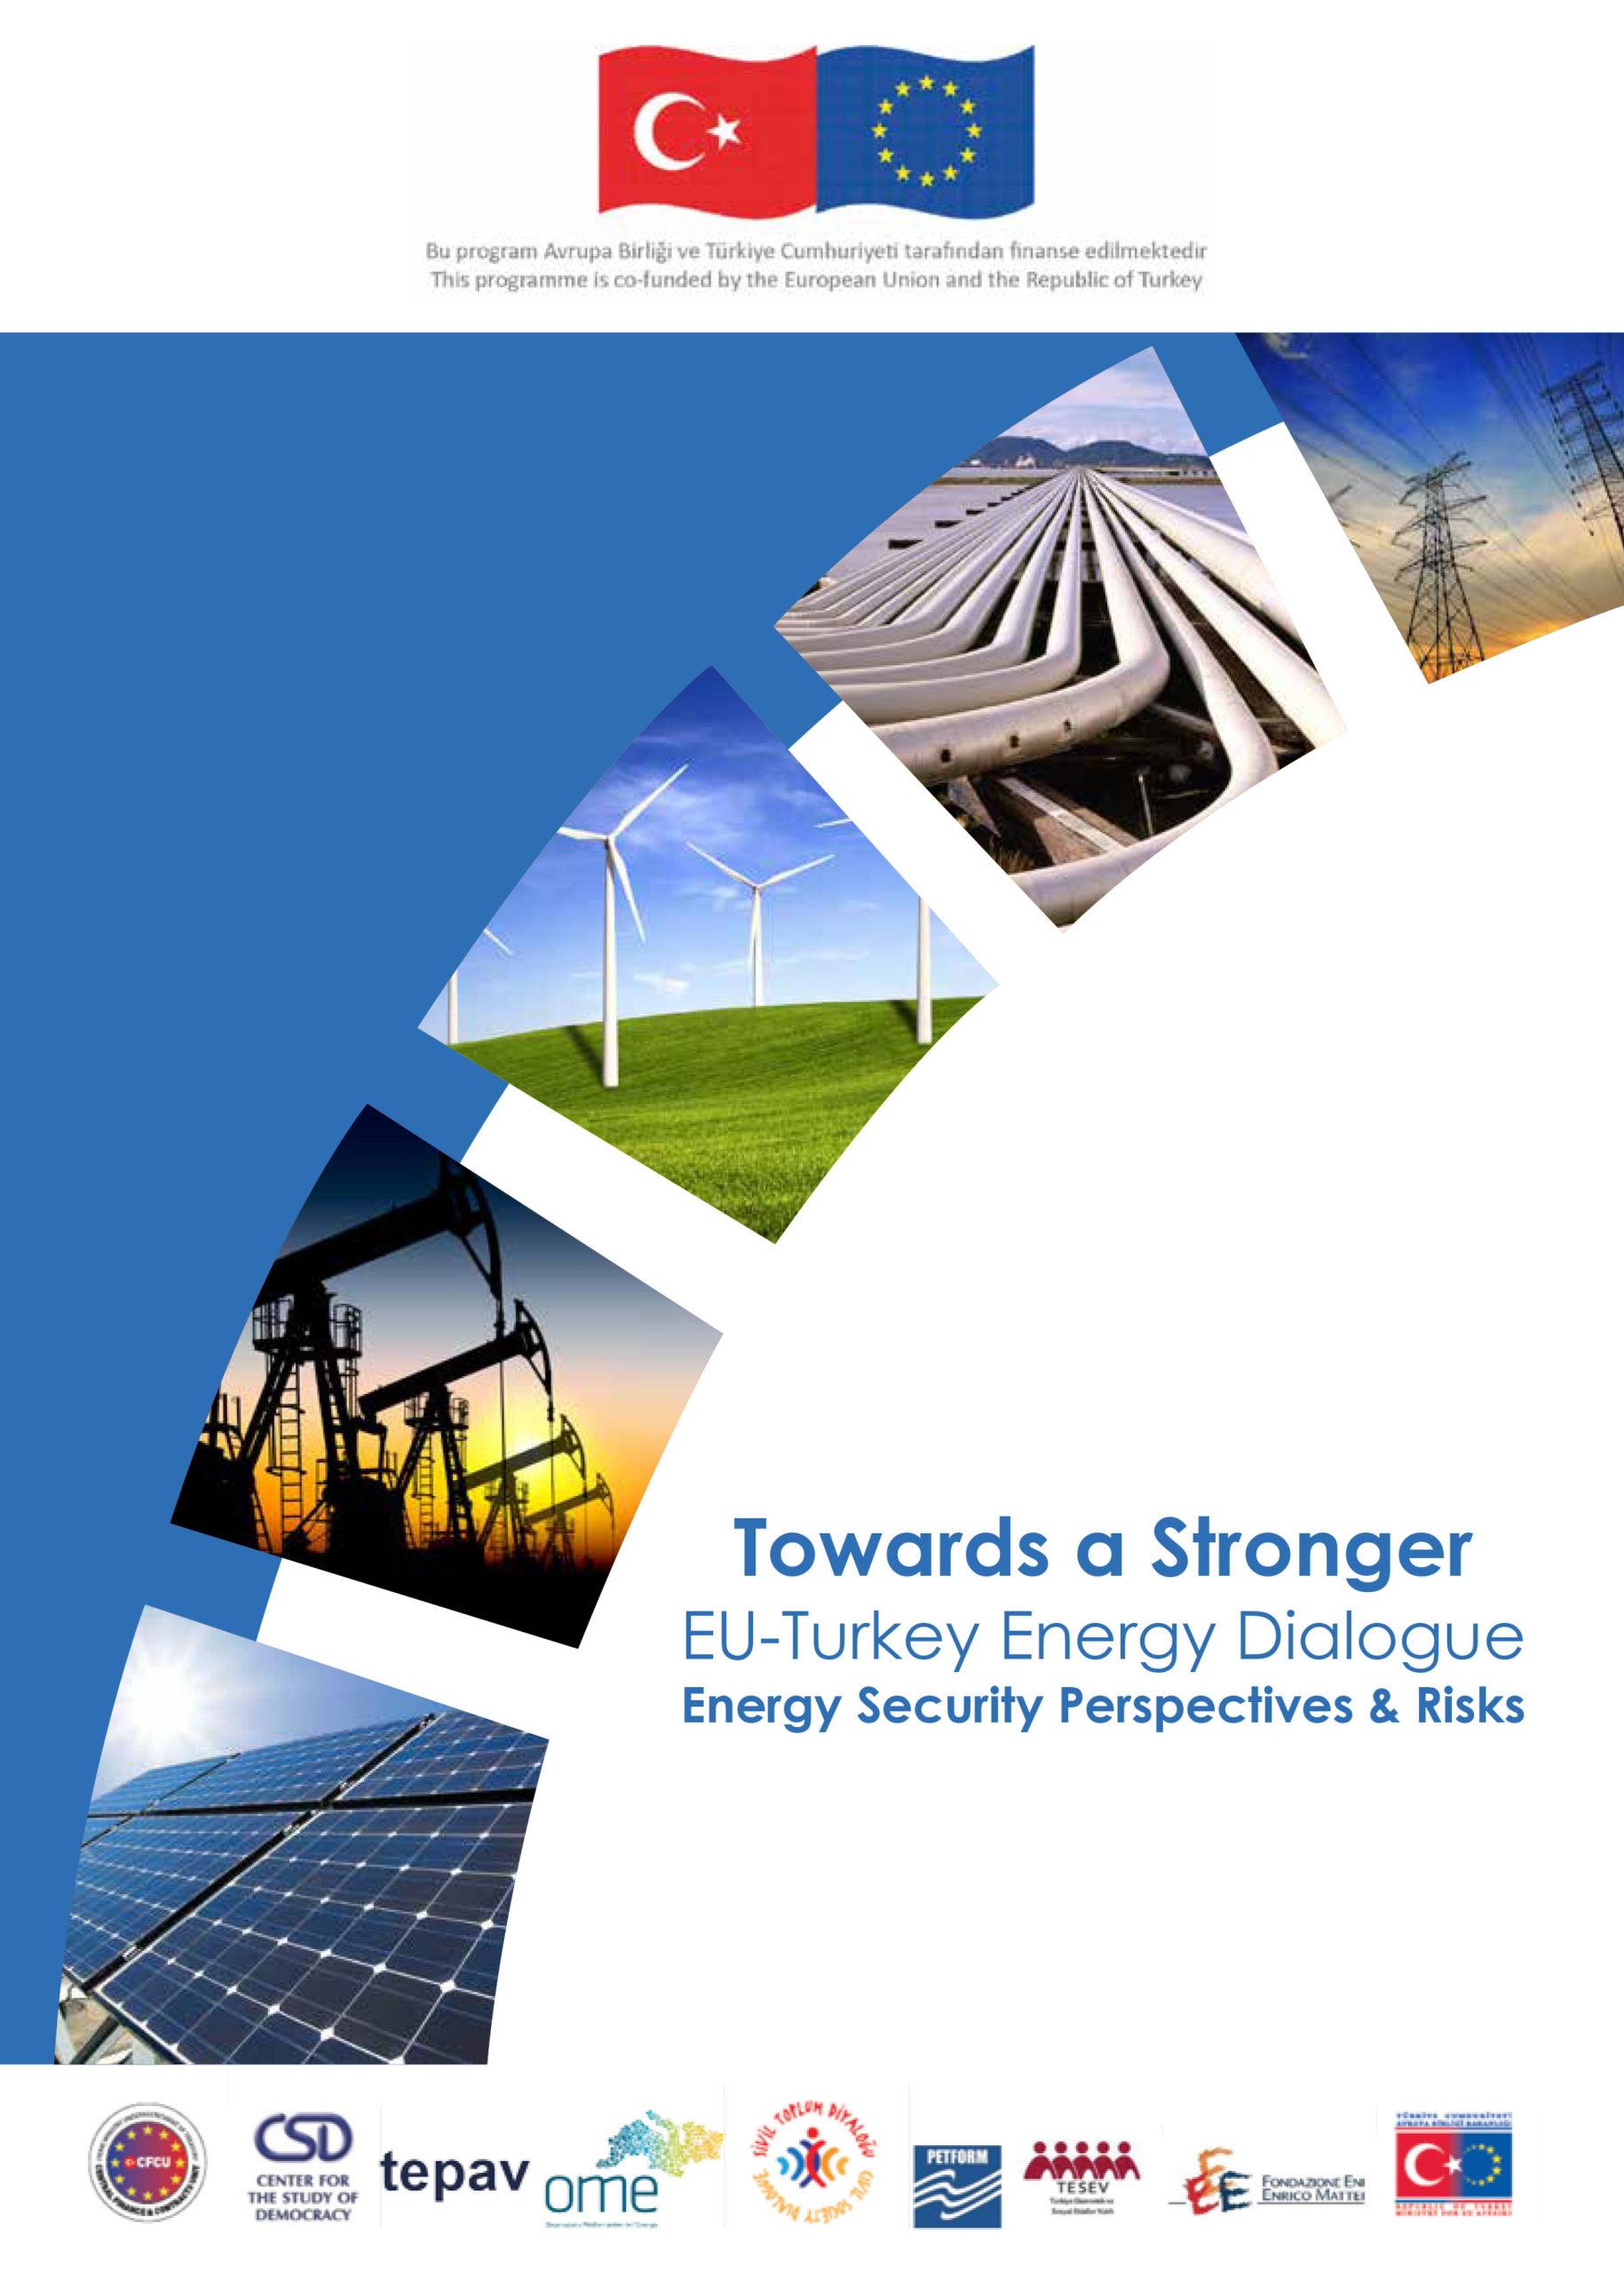 Towards a Stronger EU-Turkey Energy Dialogue, 2017